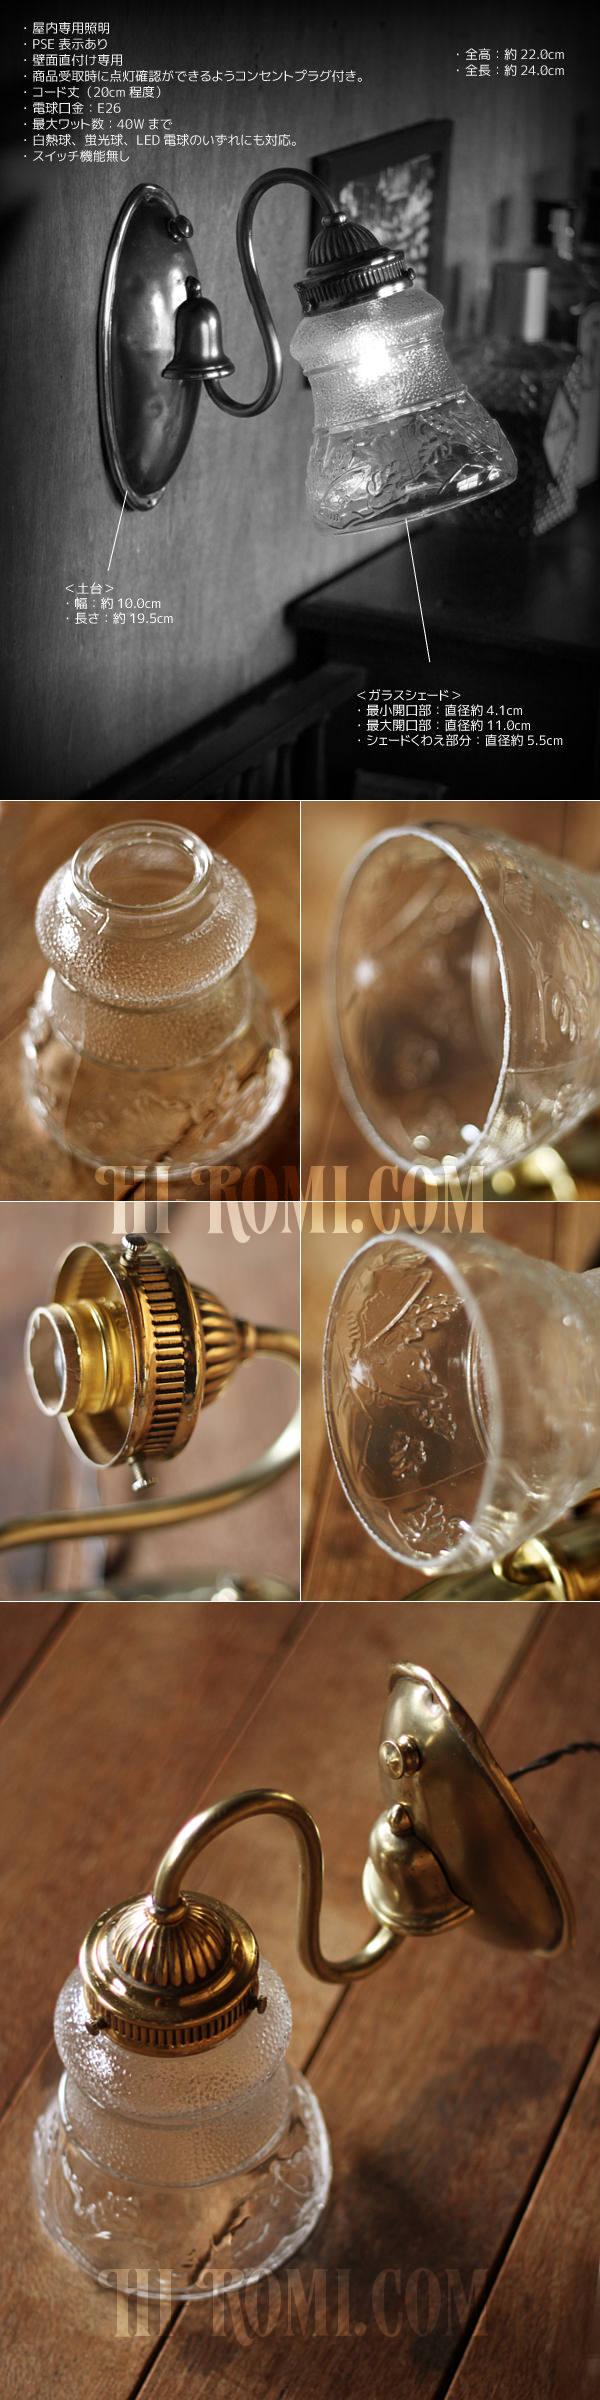 ヴィンテージコロニアル葡萄柄ガラスシェードのブラケットランプ/ヴィクトリアン壁照明